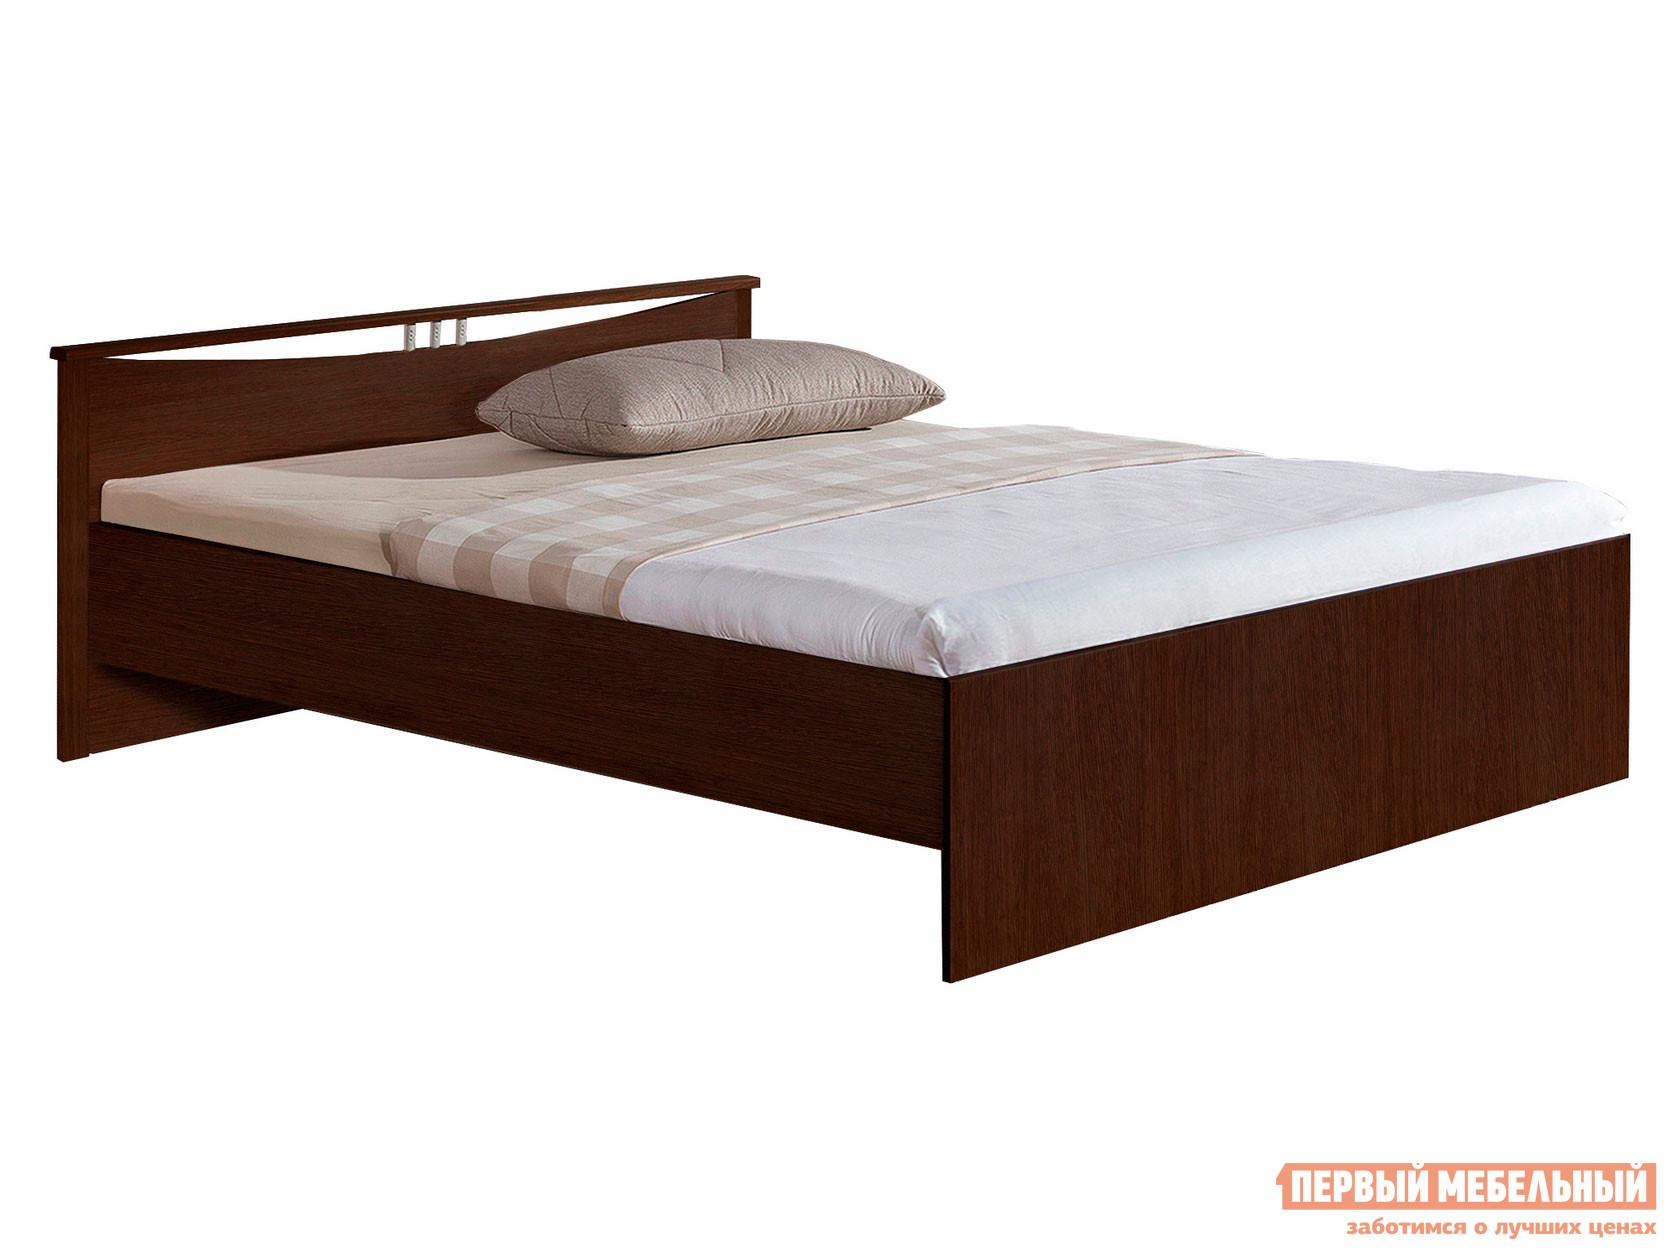 Односпальная кровать  Кровать Мелисса Венге, 900 Х 2000 мм